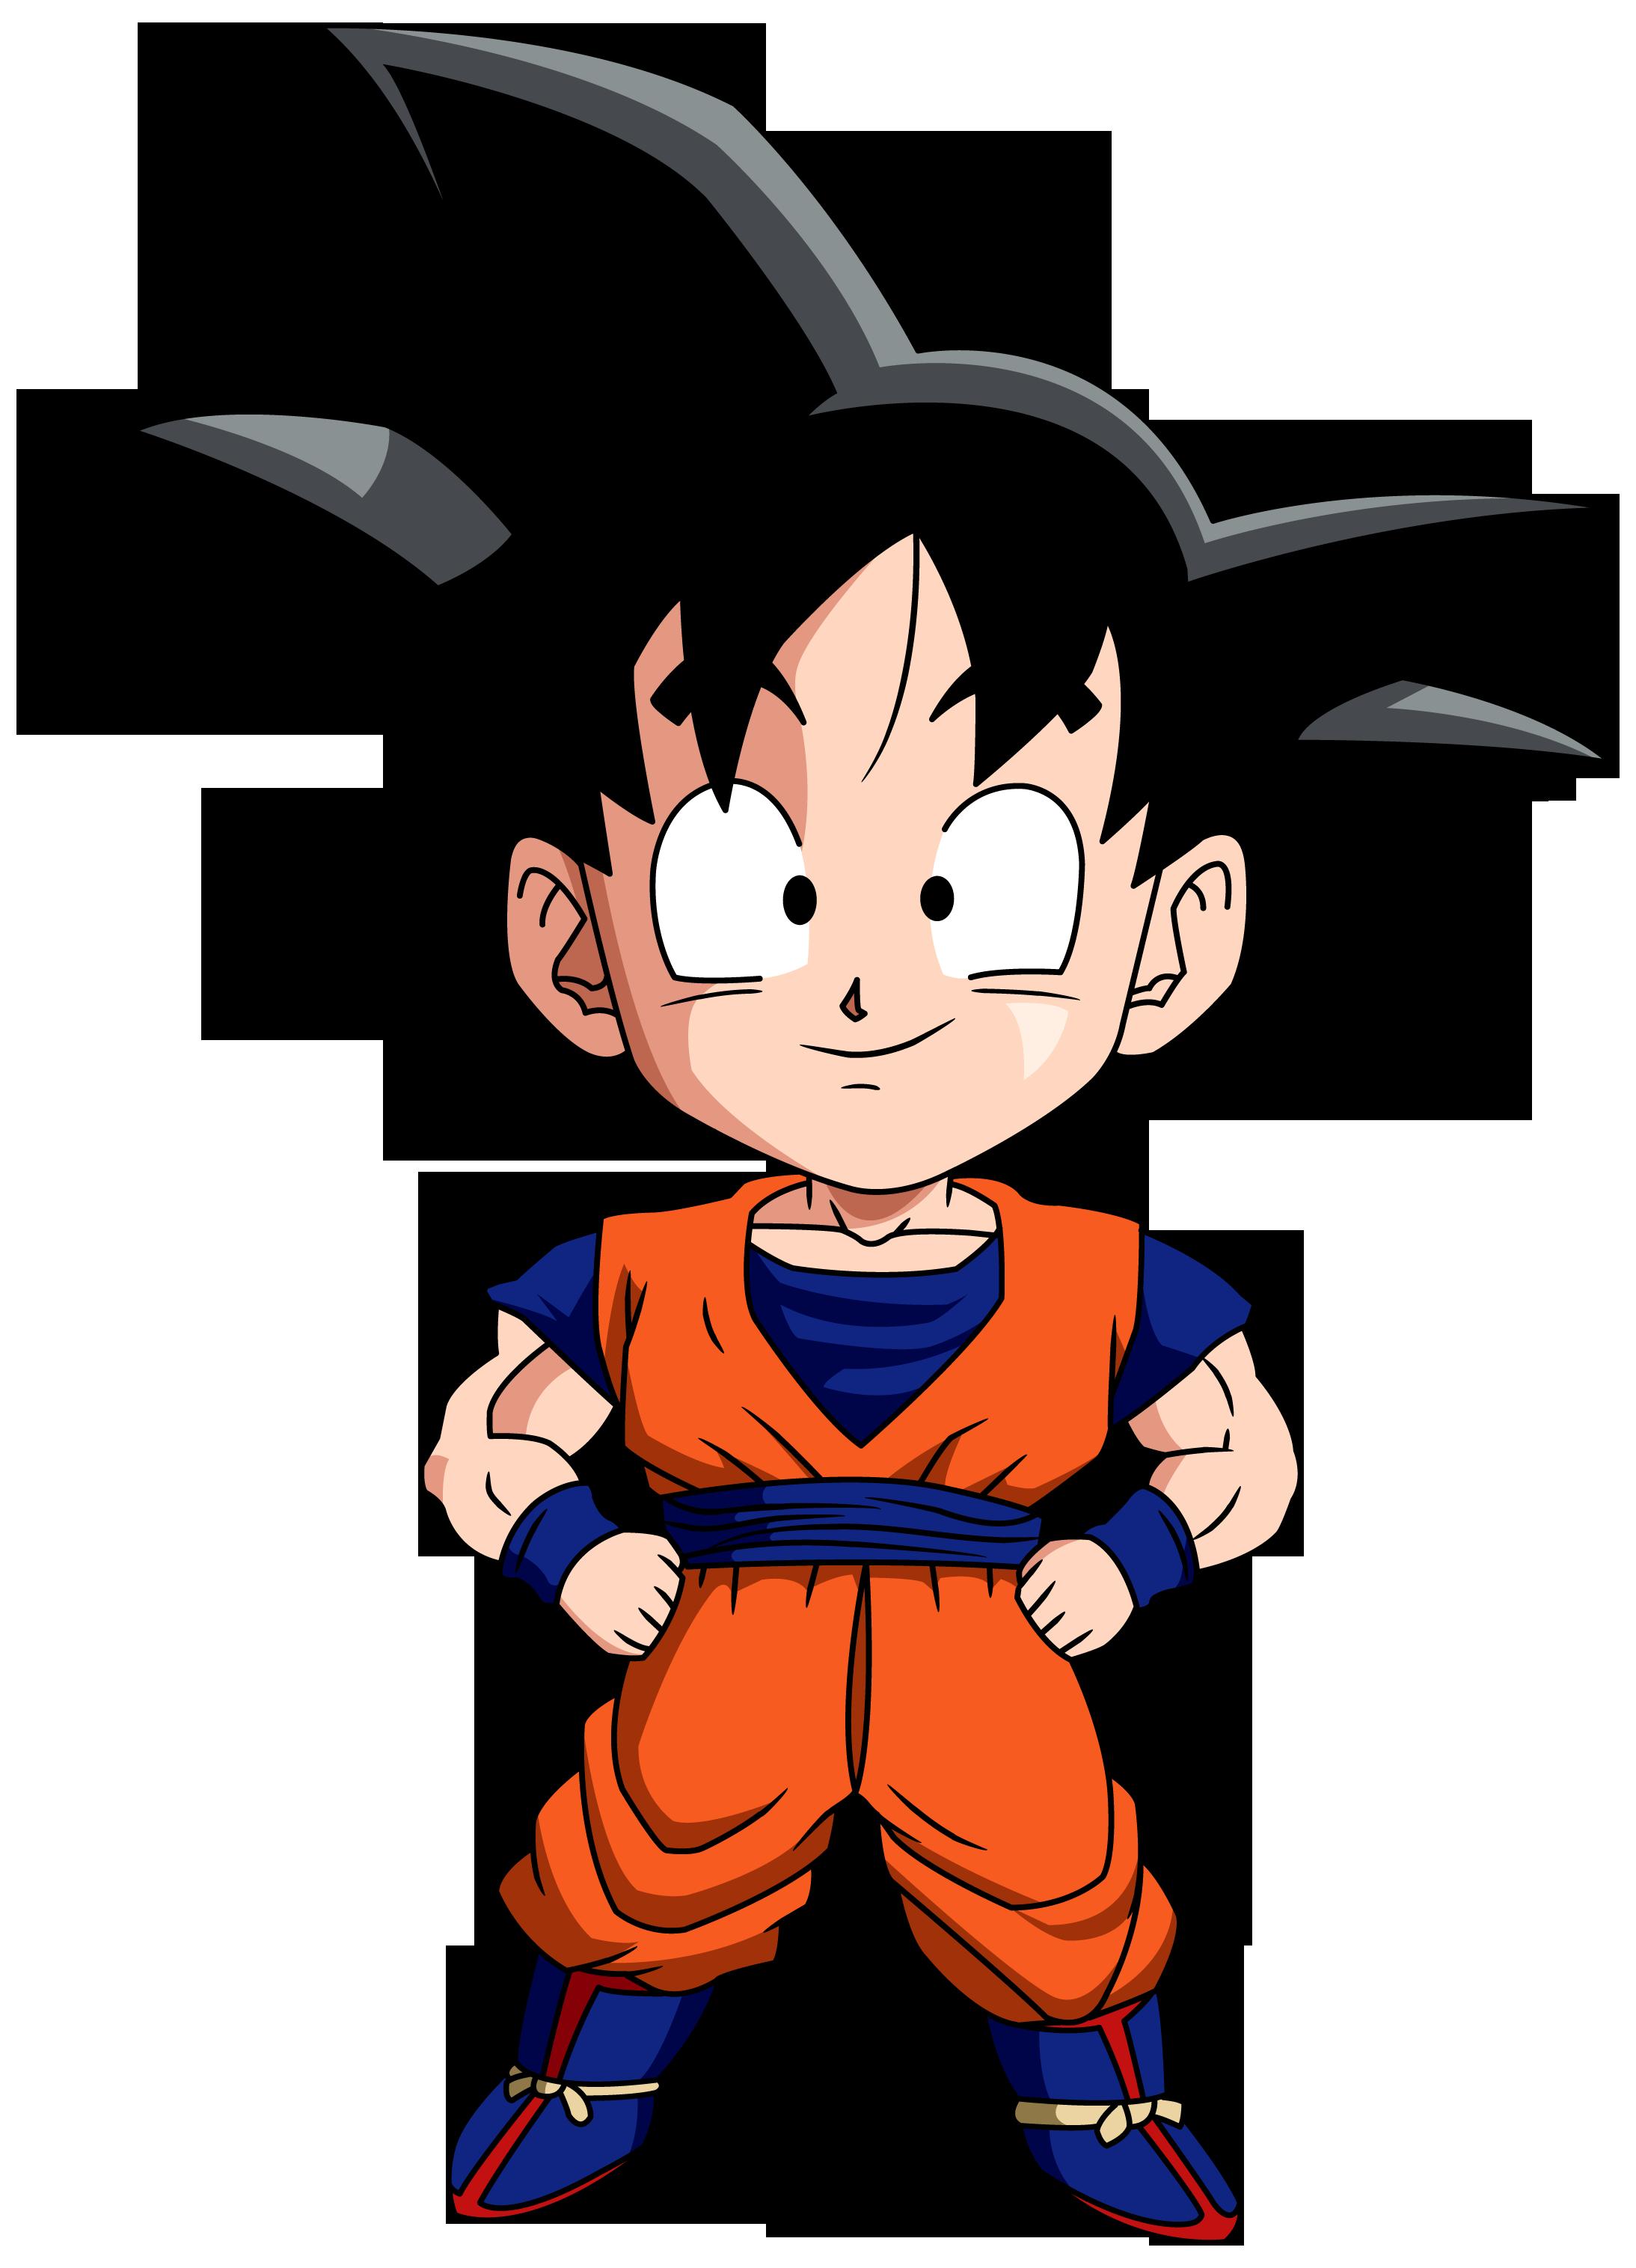 Goku Chibi Imagenes Random Dragon Ball Z Of The Xibi